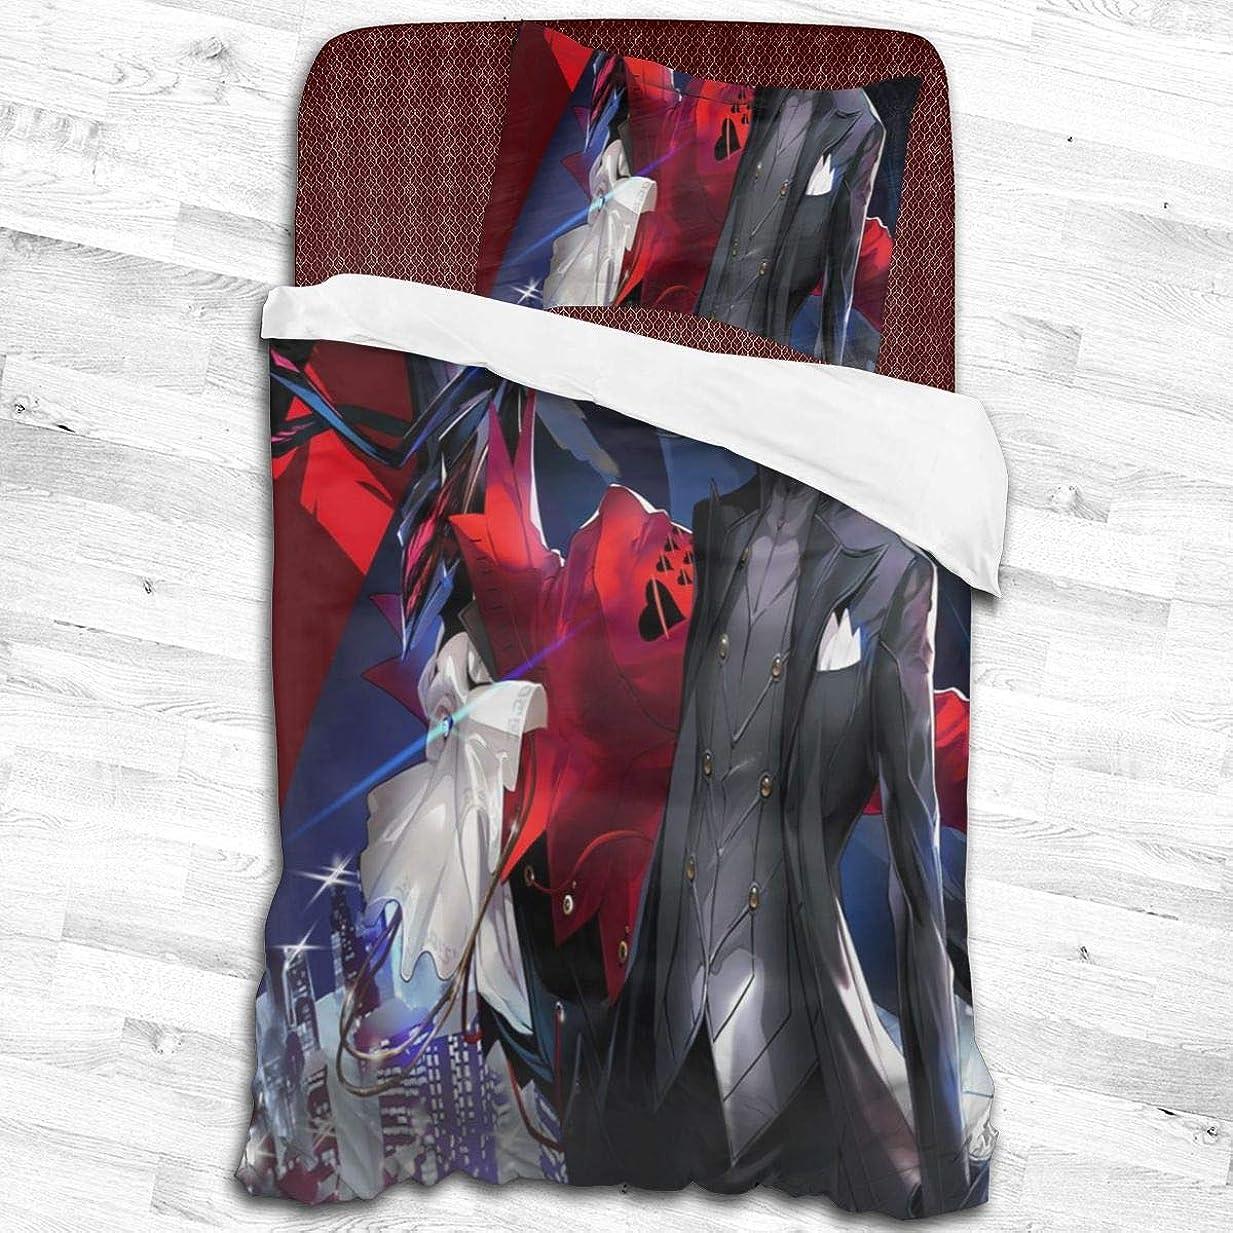 バタフライ居眠りするハイキングに行く寝具カバーセット、掛け布団カバー 枕カバー アニメの男の子 掛け布団カバー1つ+ 20